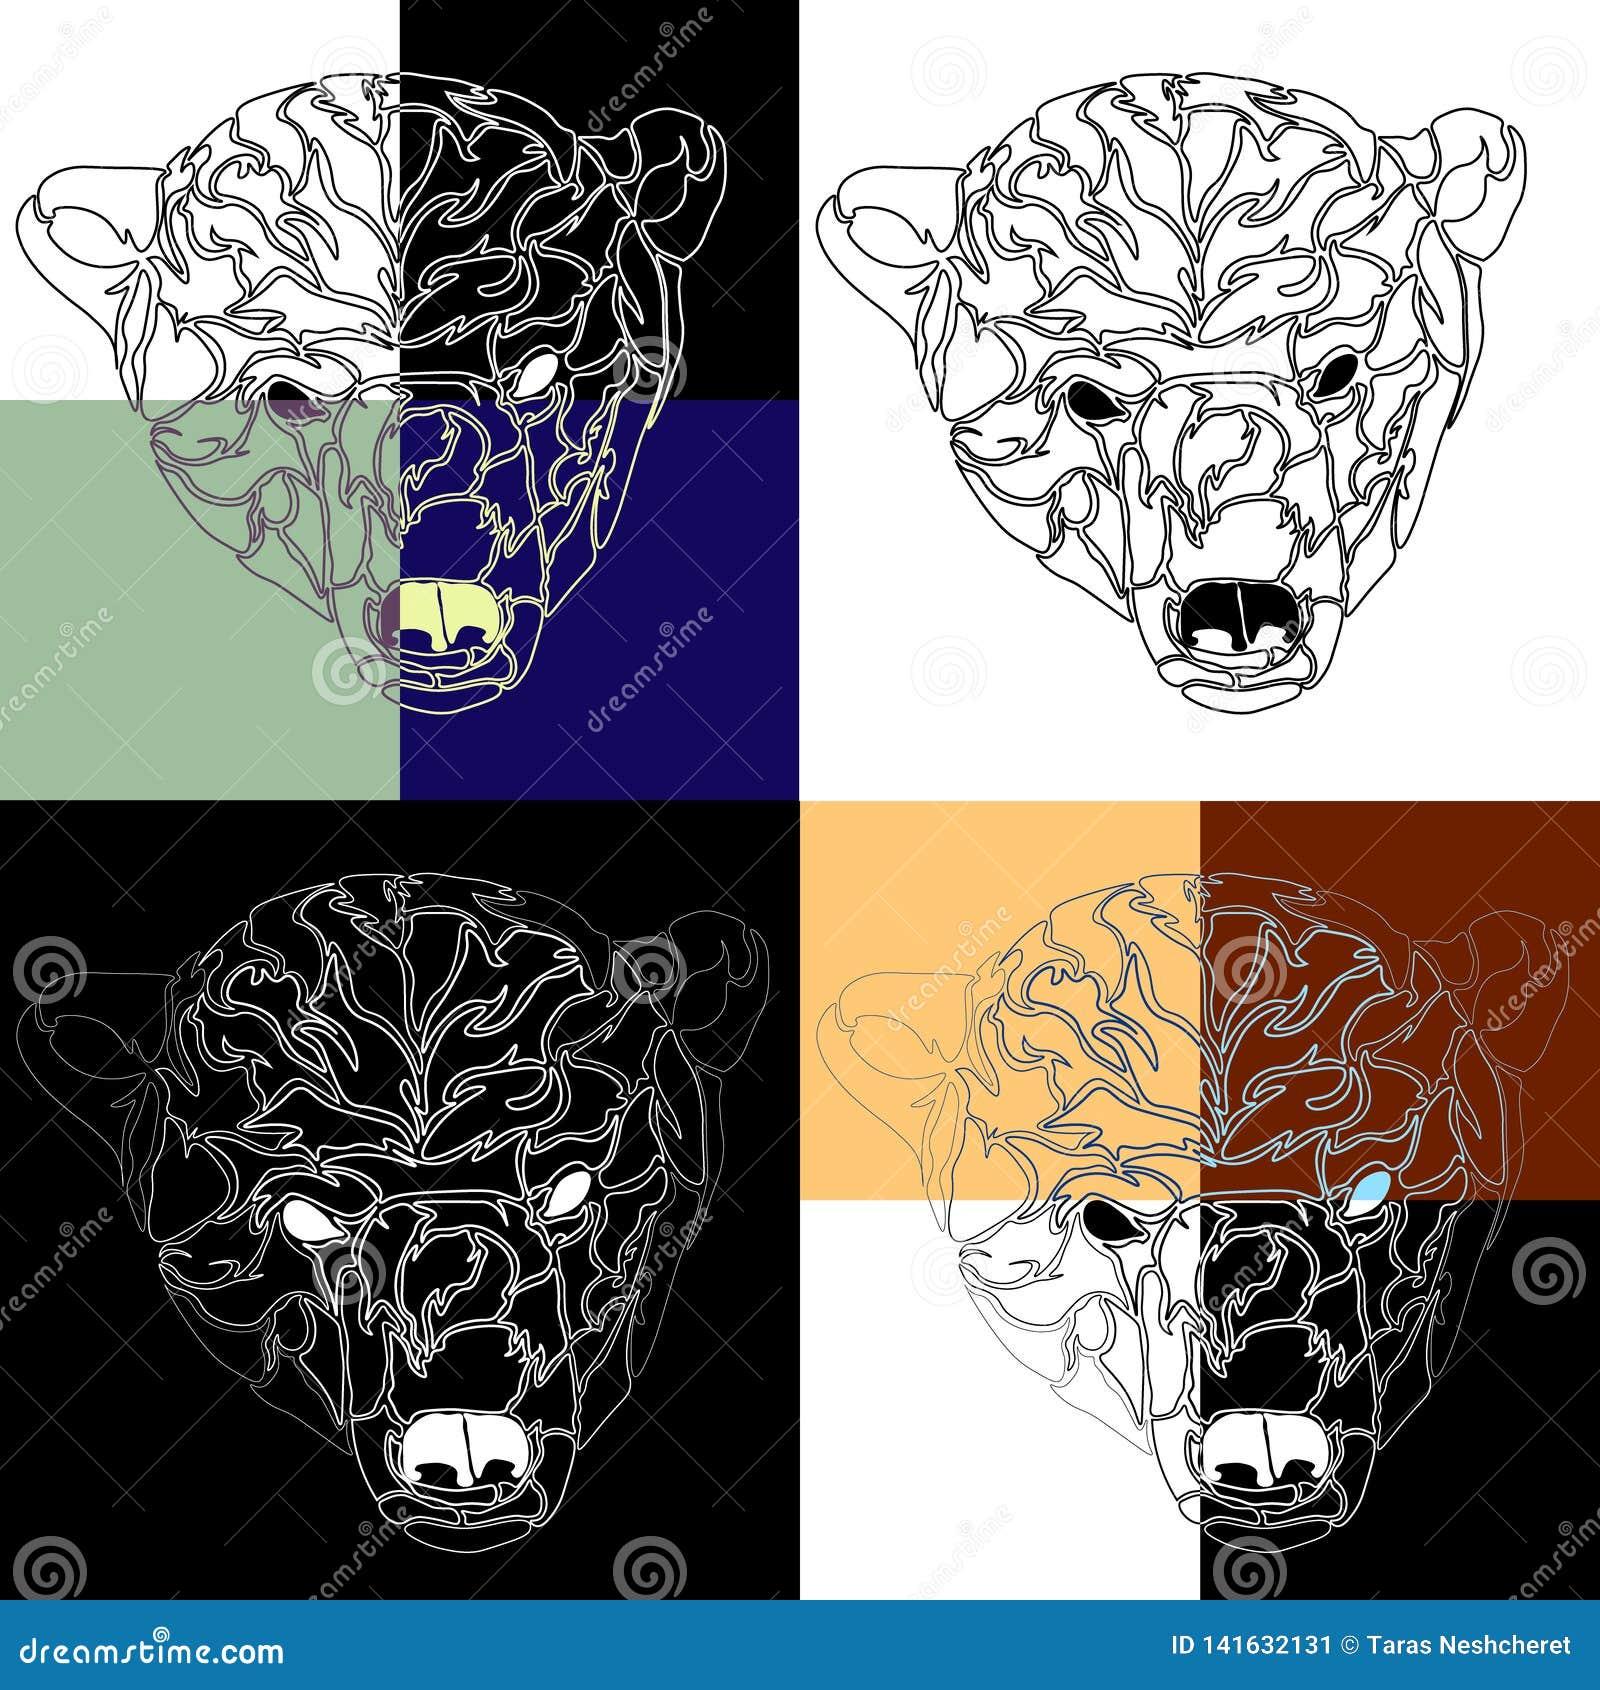 El jefe del fondo del tatuaje del oso polar